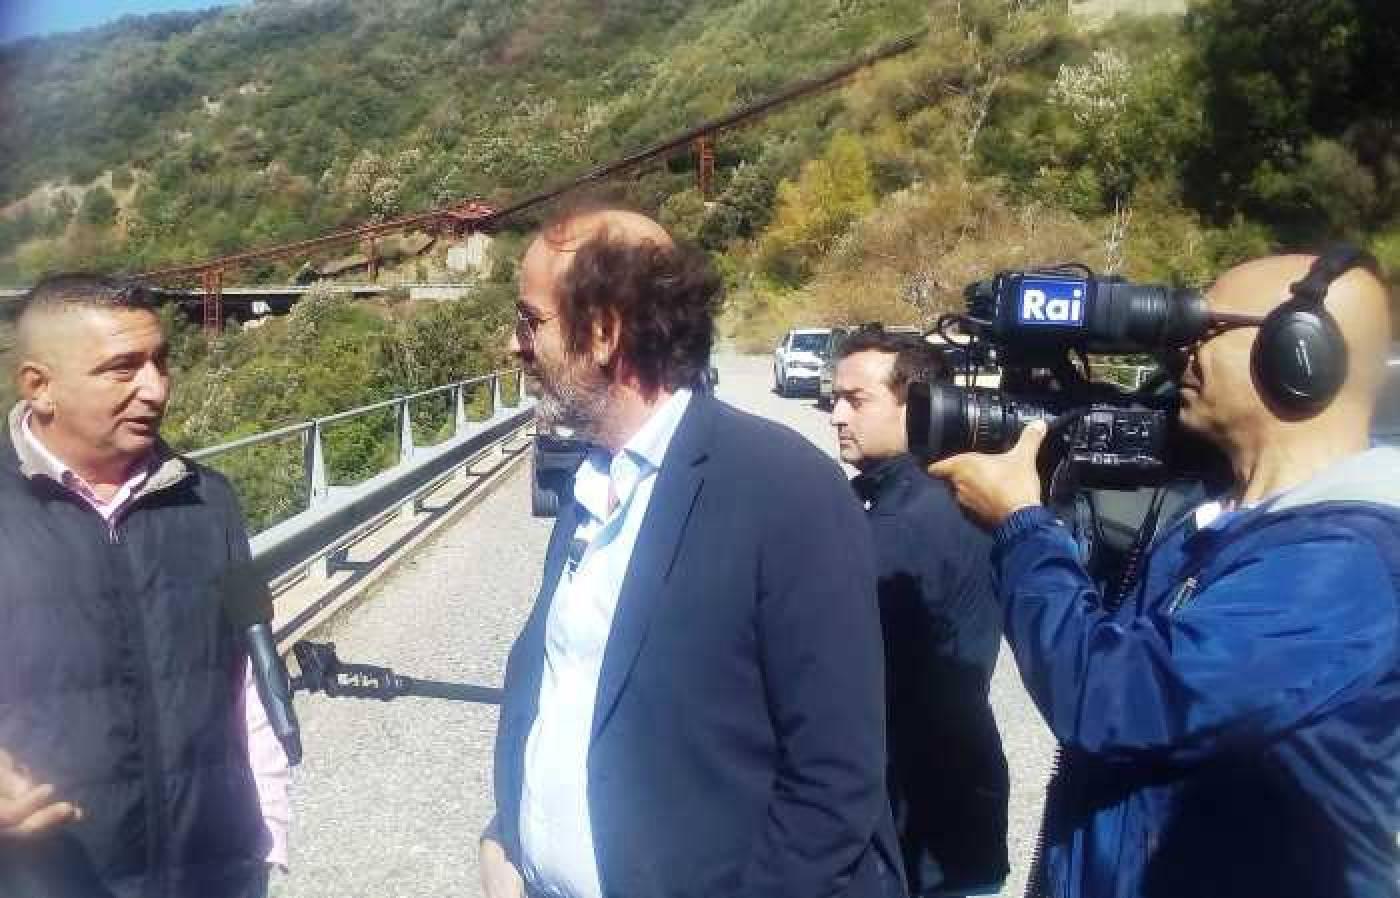 Diga Esaro, ex lavoratori e sindacalisti in onda stasera su Tv7 (Rai Uno)